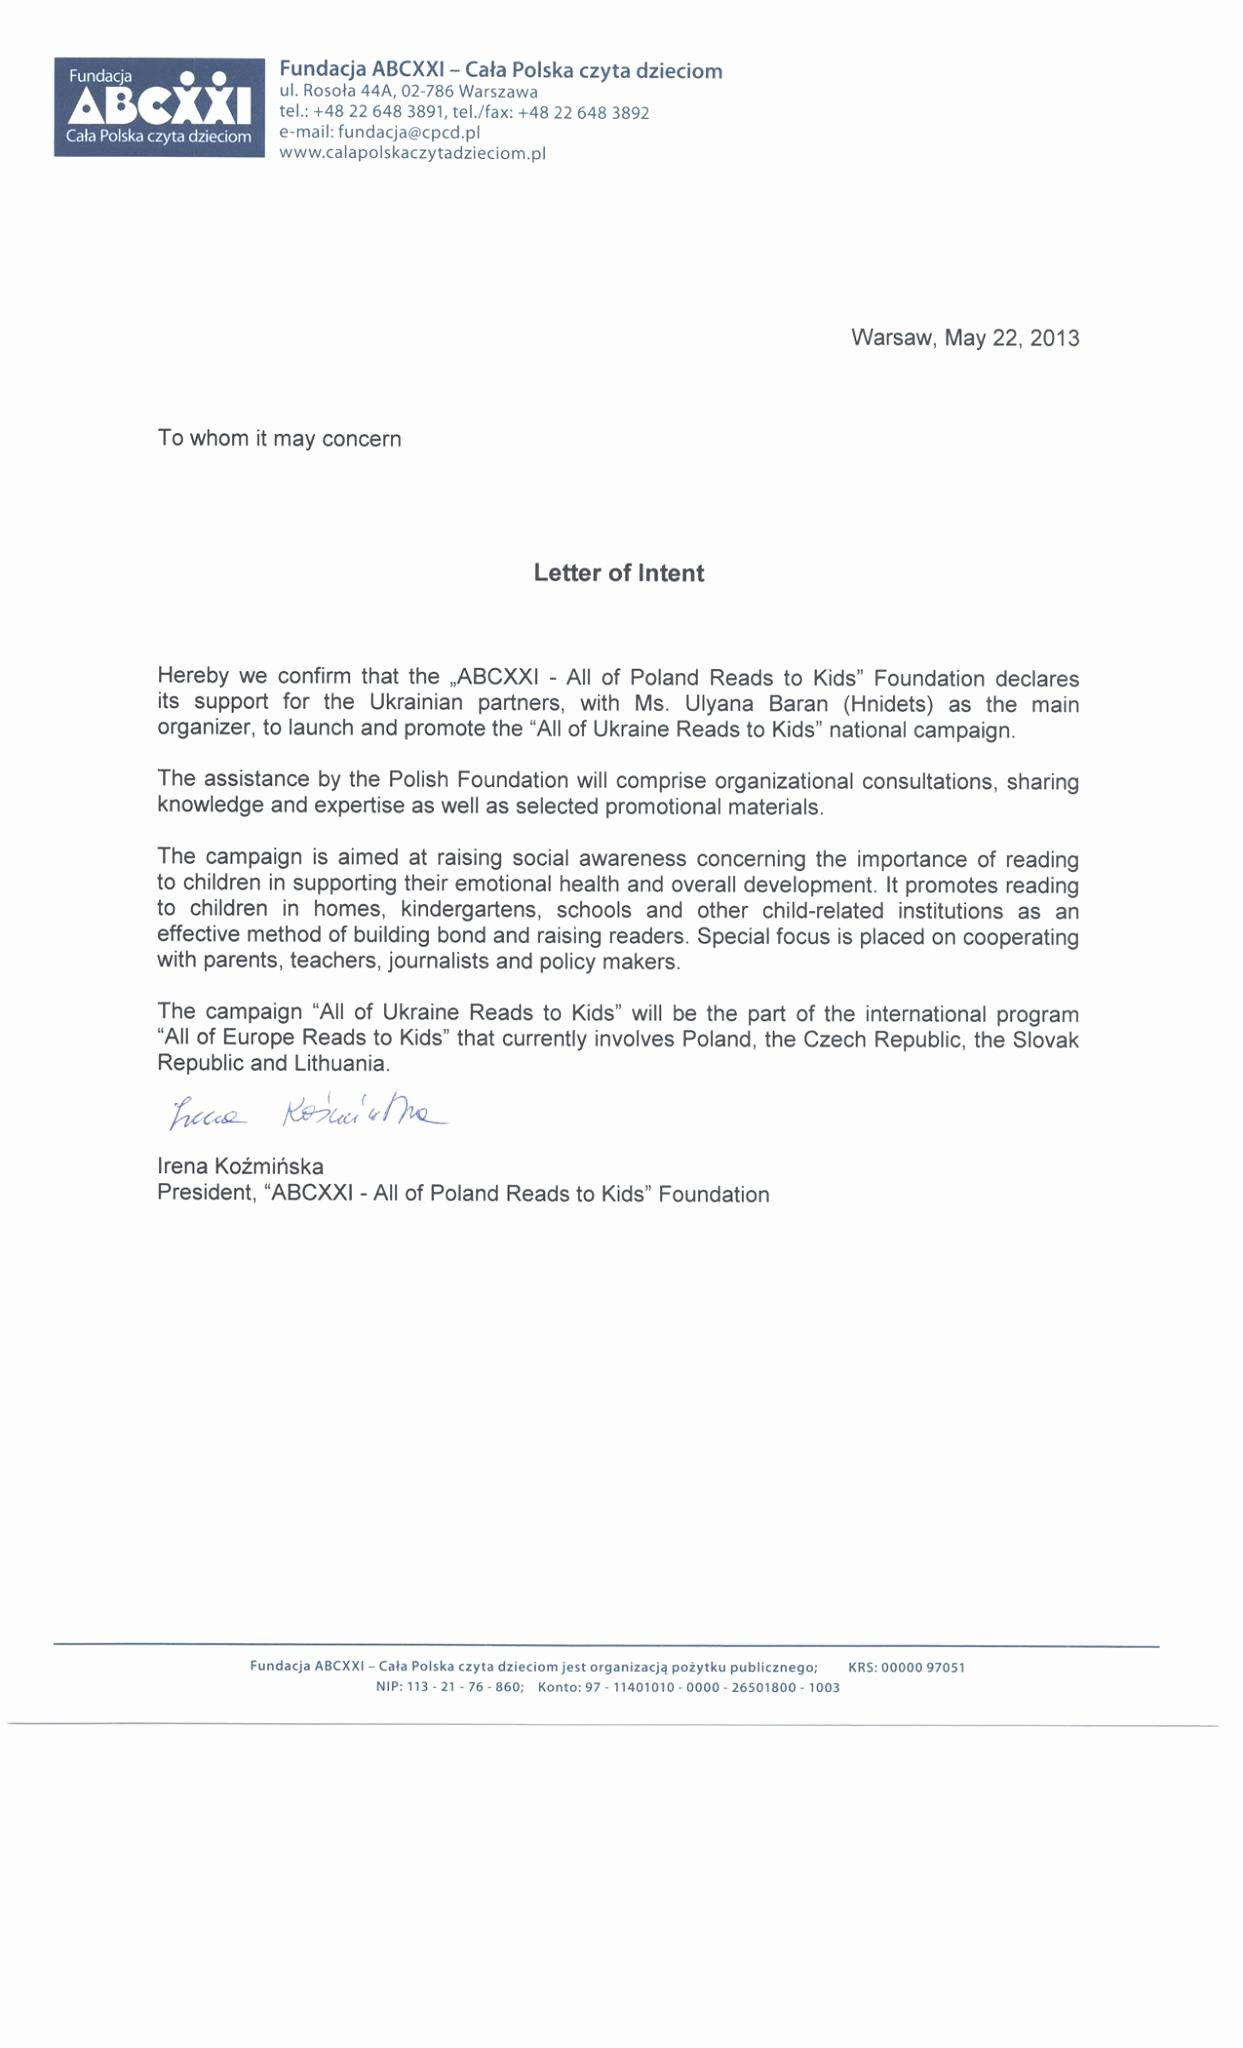 Pharmacy Residency Letter Of Recommendation New Letter Of Intent Pharmacy Residency